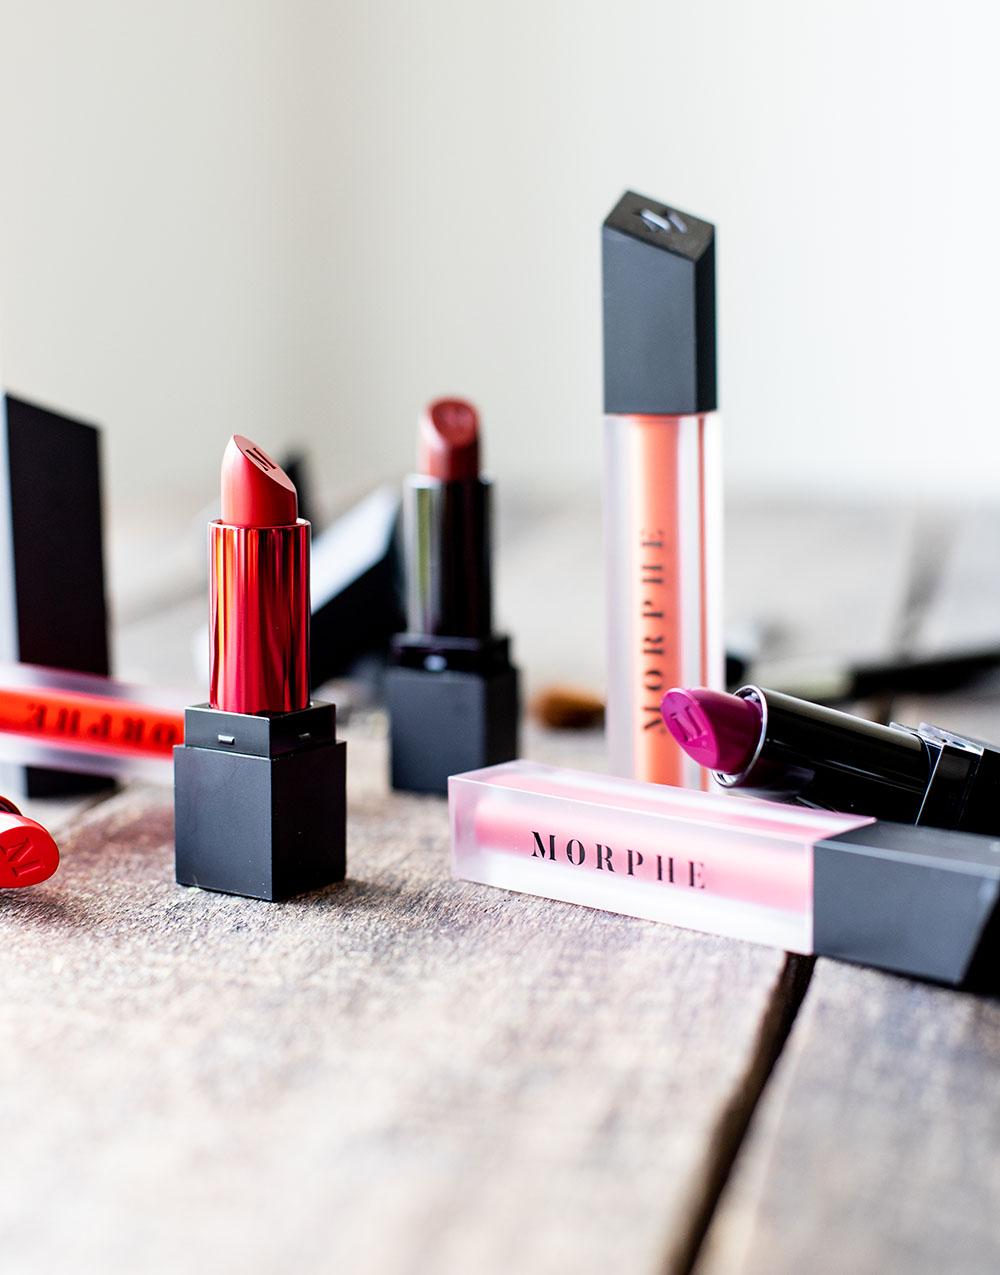 Morphe lipsticks